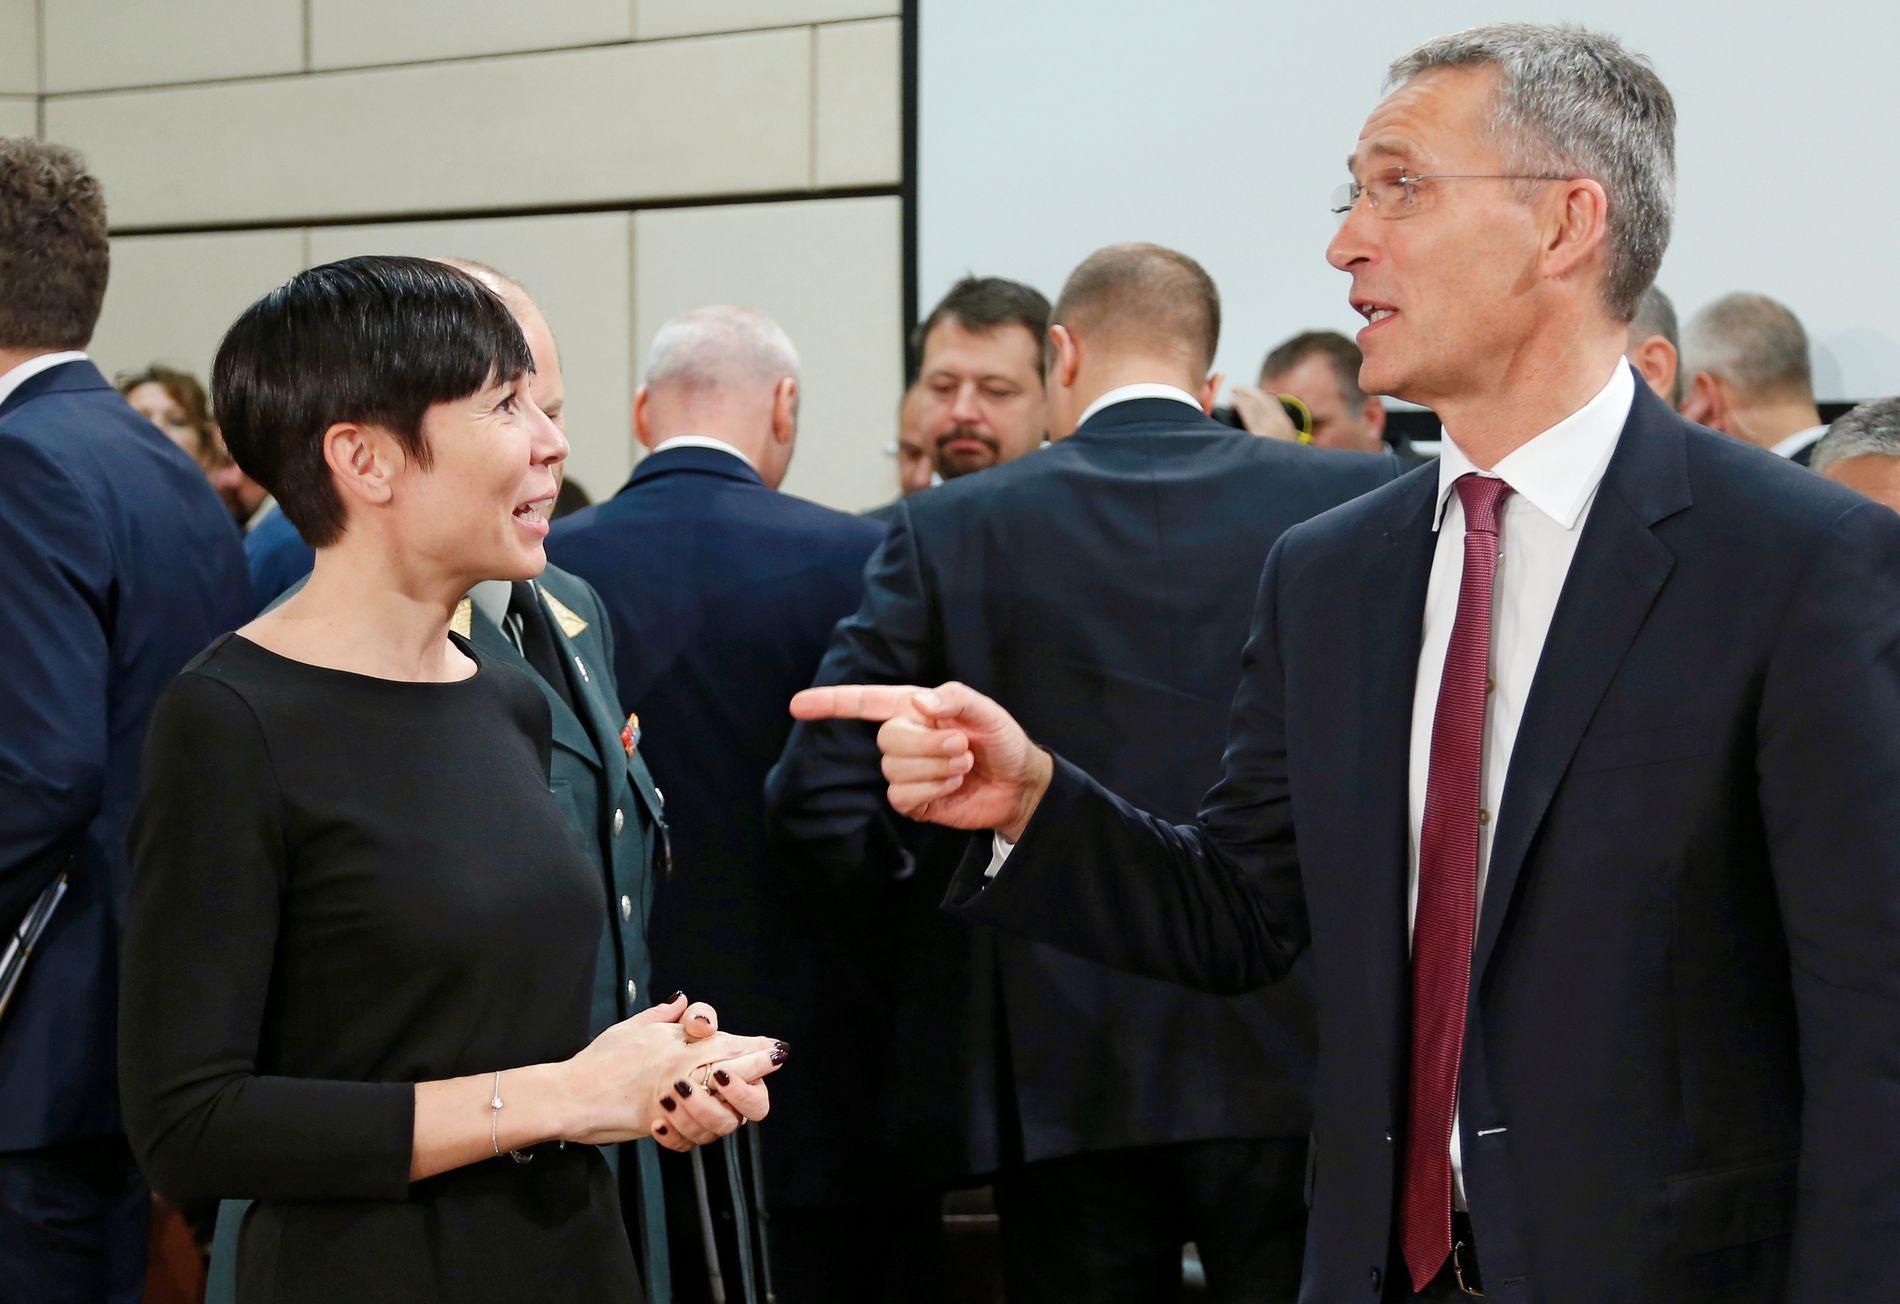 DRAR NATO NORDOVER: Eks-forsvarsminister Ine Eriksen Søreide (H) og NATO-sjef Jens Stoltenberg på forsvarsministermøte i Brussel høsten 2016. Denne uken debuterer den nye forsvarsministeren Frank Bakke-Jensen (H) i NATO.